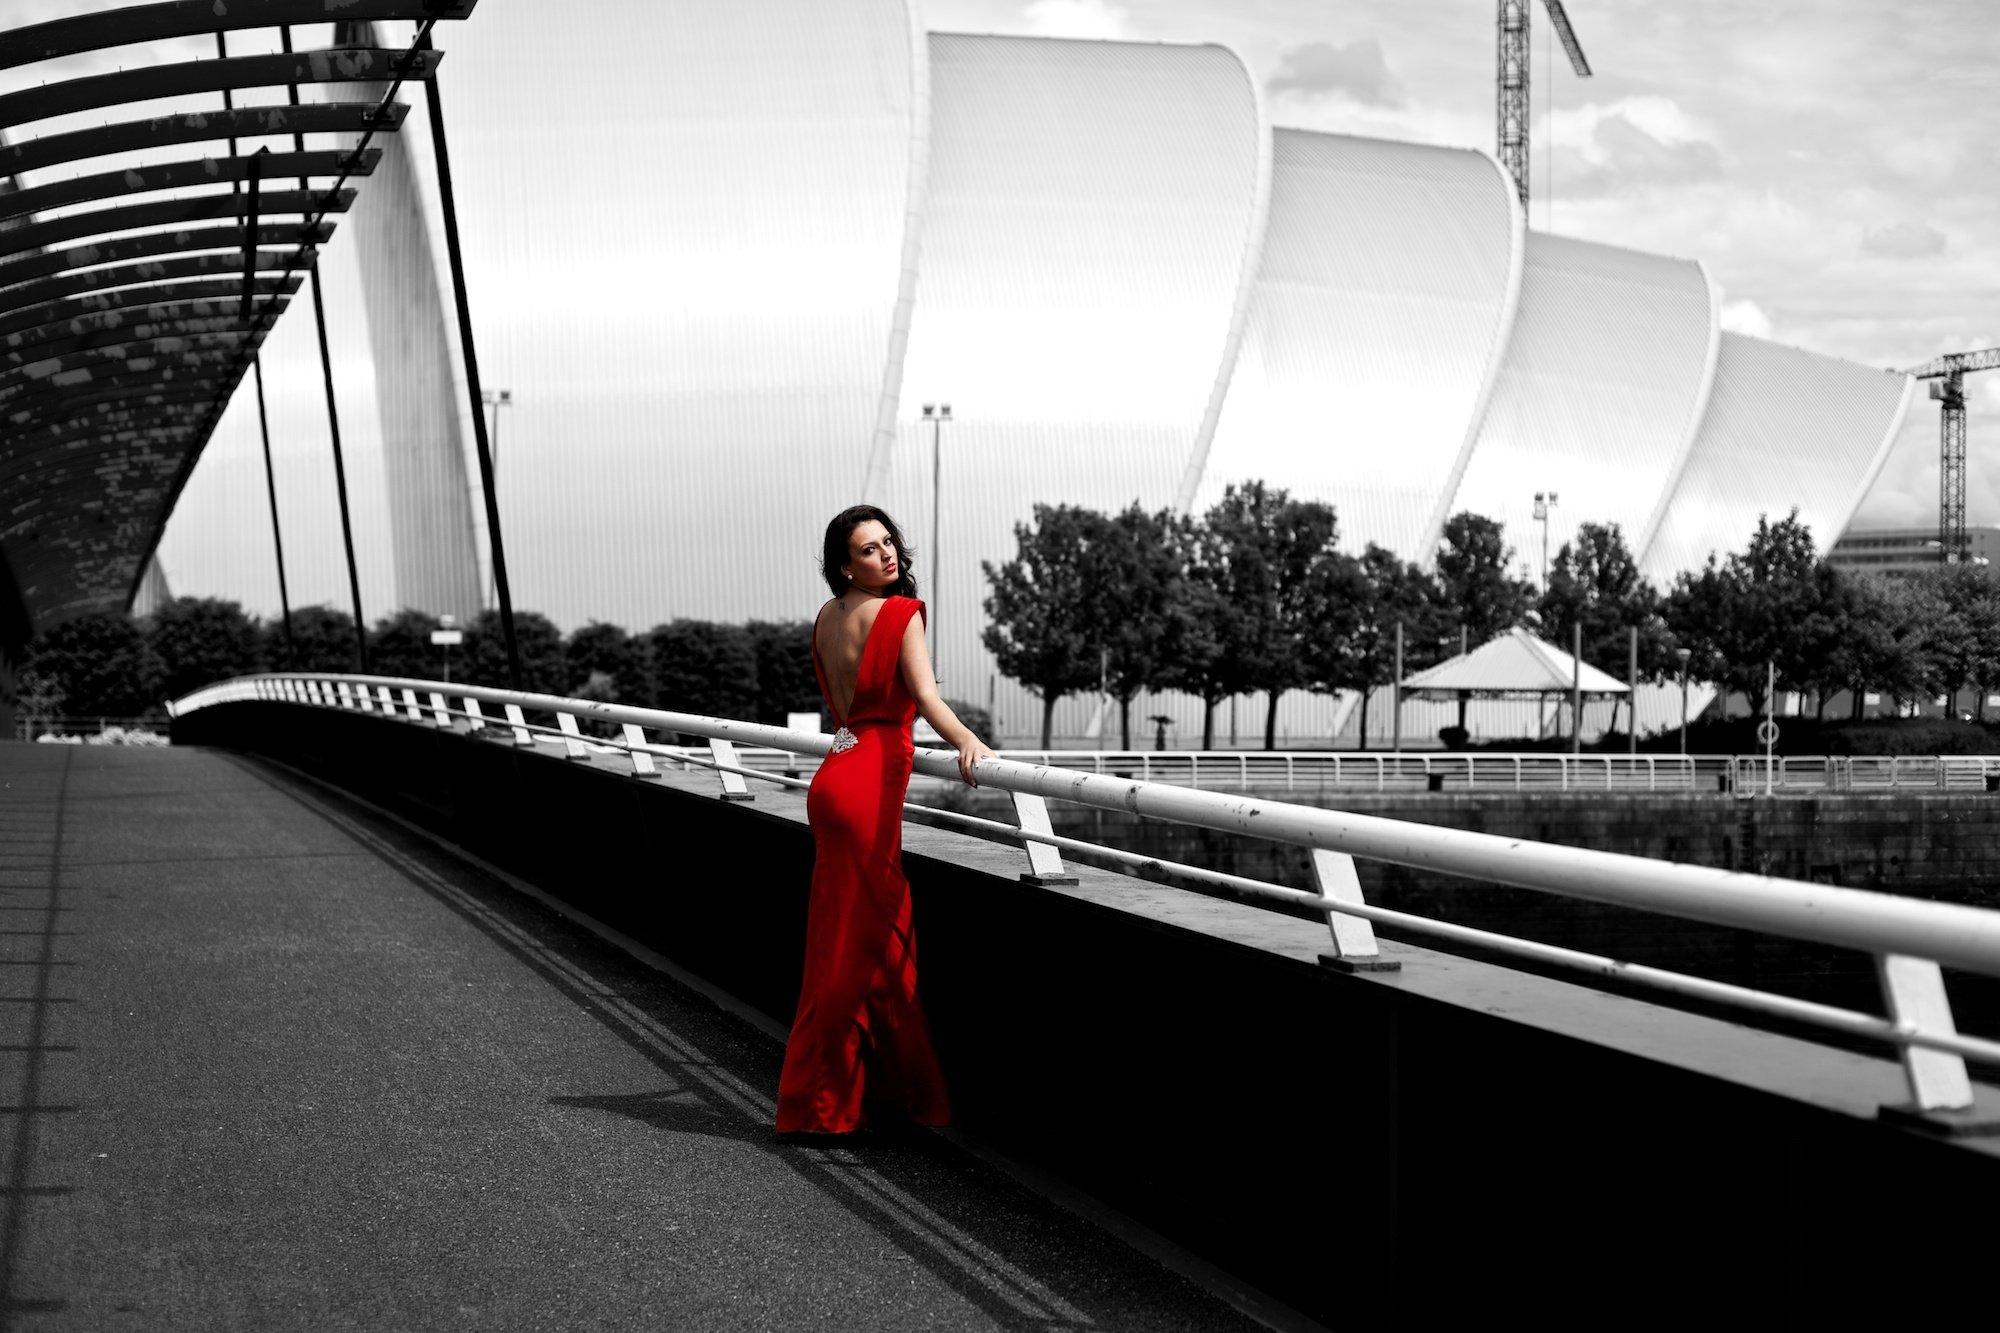 Girl Brunette Dress Red Black And White Posture Street Wallpaper